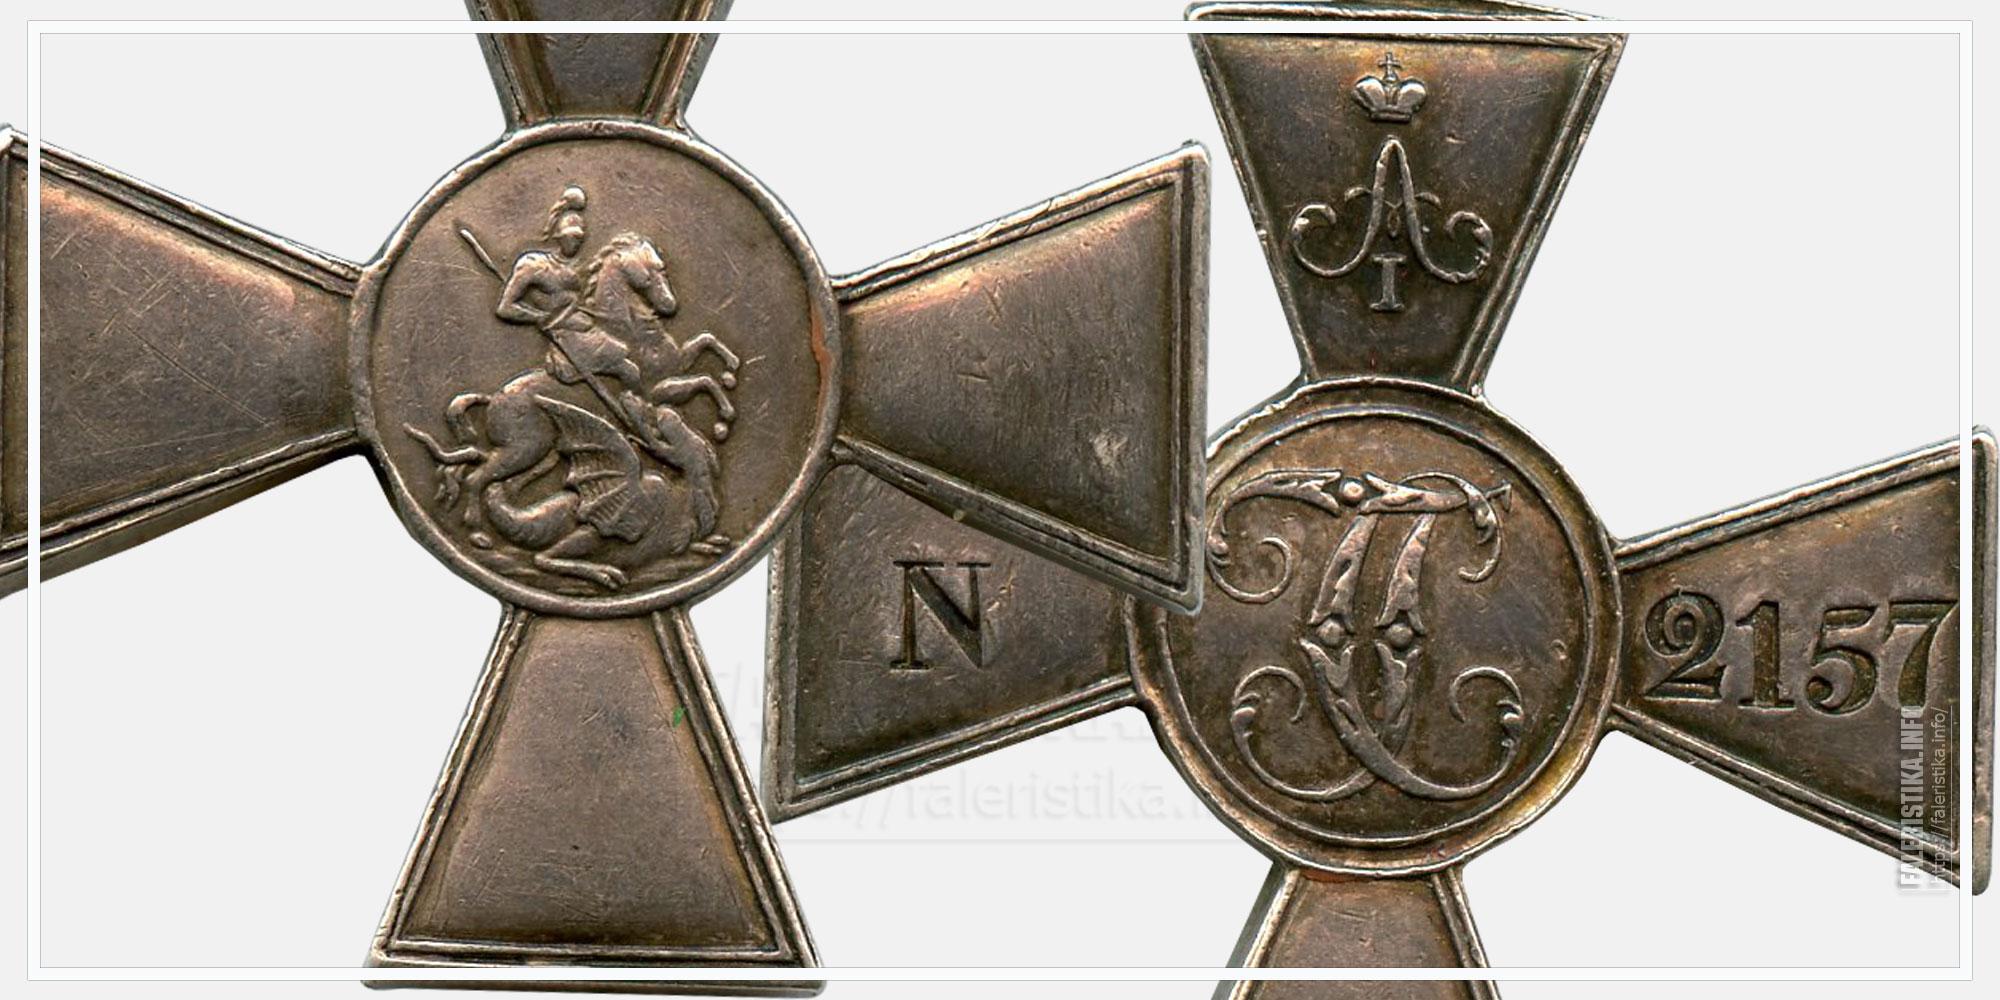 Знак отличия военного ордена (ЗОВО) для ветеранов прусской армии